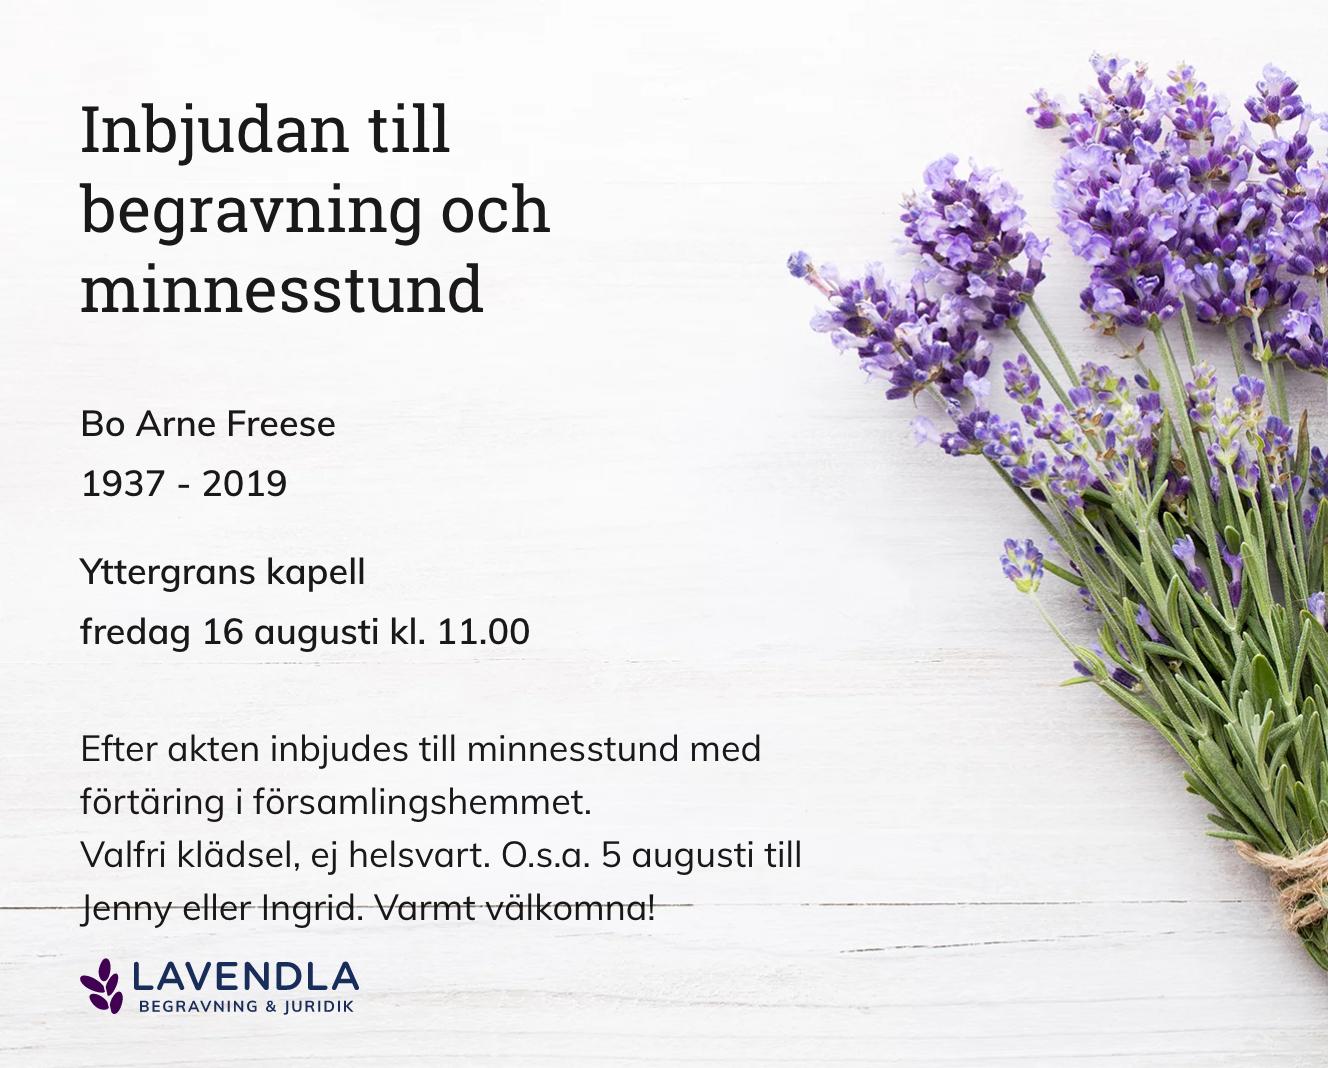 Inbjudningskort till ceremonin för Bo Arne Freese